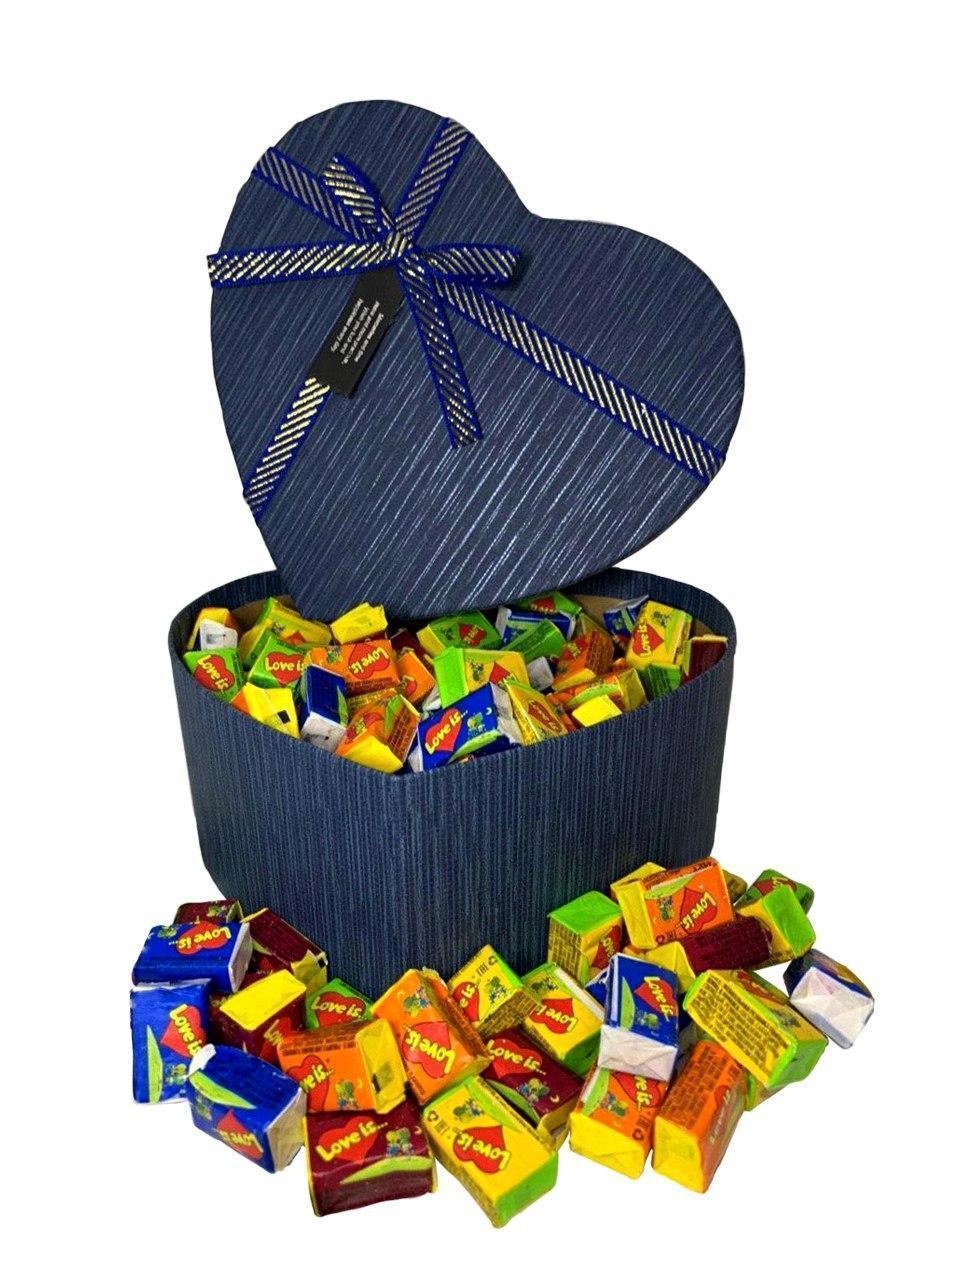 Купить Жевательная жвачка Love is, жвачки лове ис ассорти в подарочной упаковке 150 шт синяя